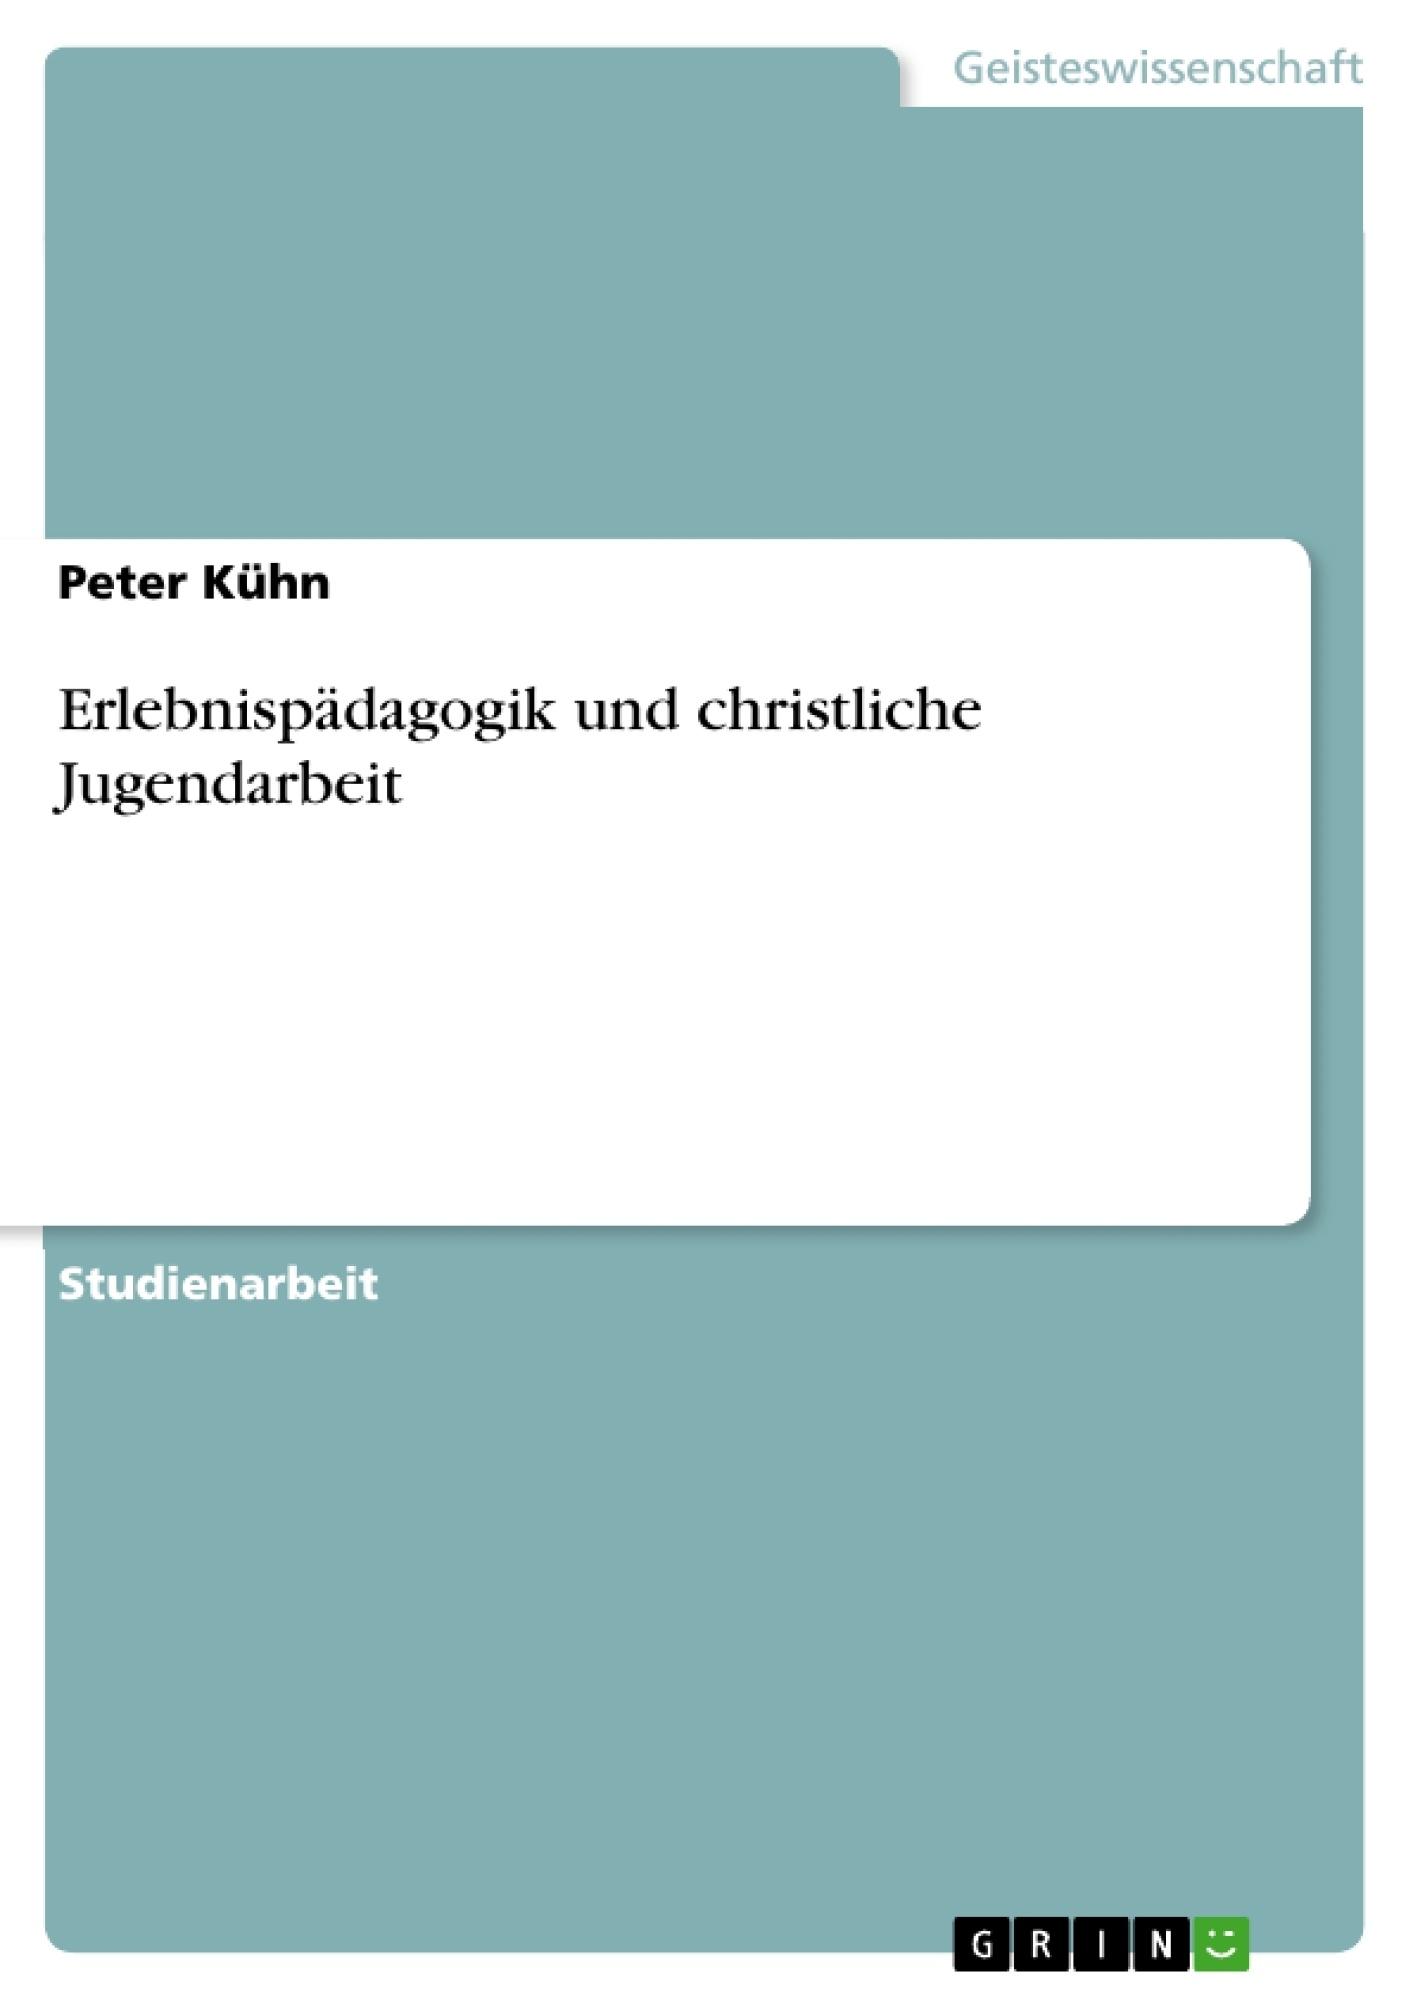 Titel: Erlebnispädagogik und christliche Jugendarbeit